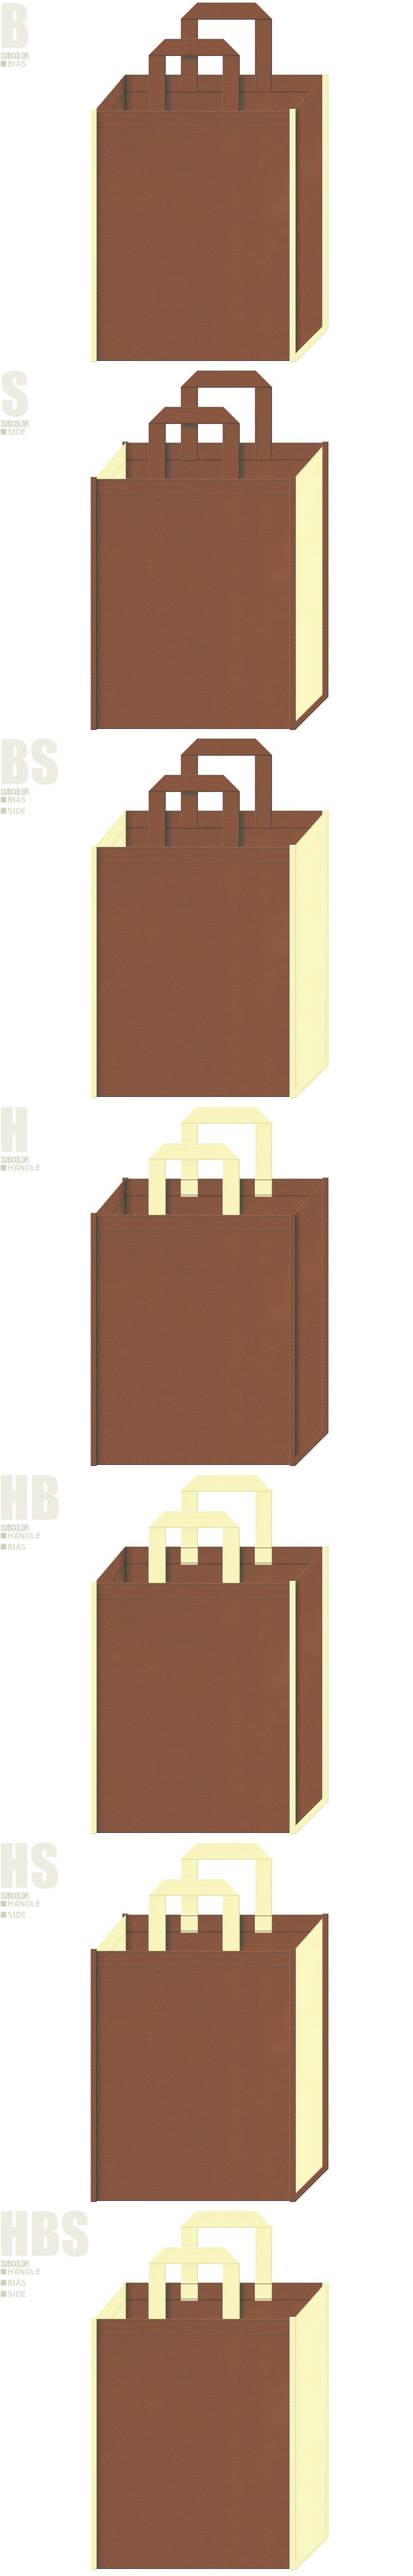 ベーカリーショップのショッピングバッグにお奨めです。茶色と薄黄色、7パターンの不織布トートバッグ配色デザイン例。ロールケーキ・クリームパン・コルネ風。